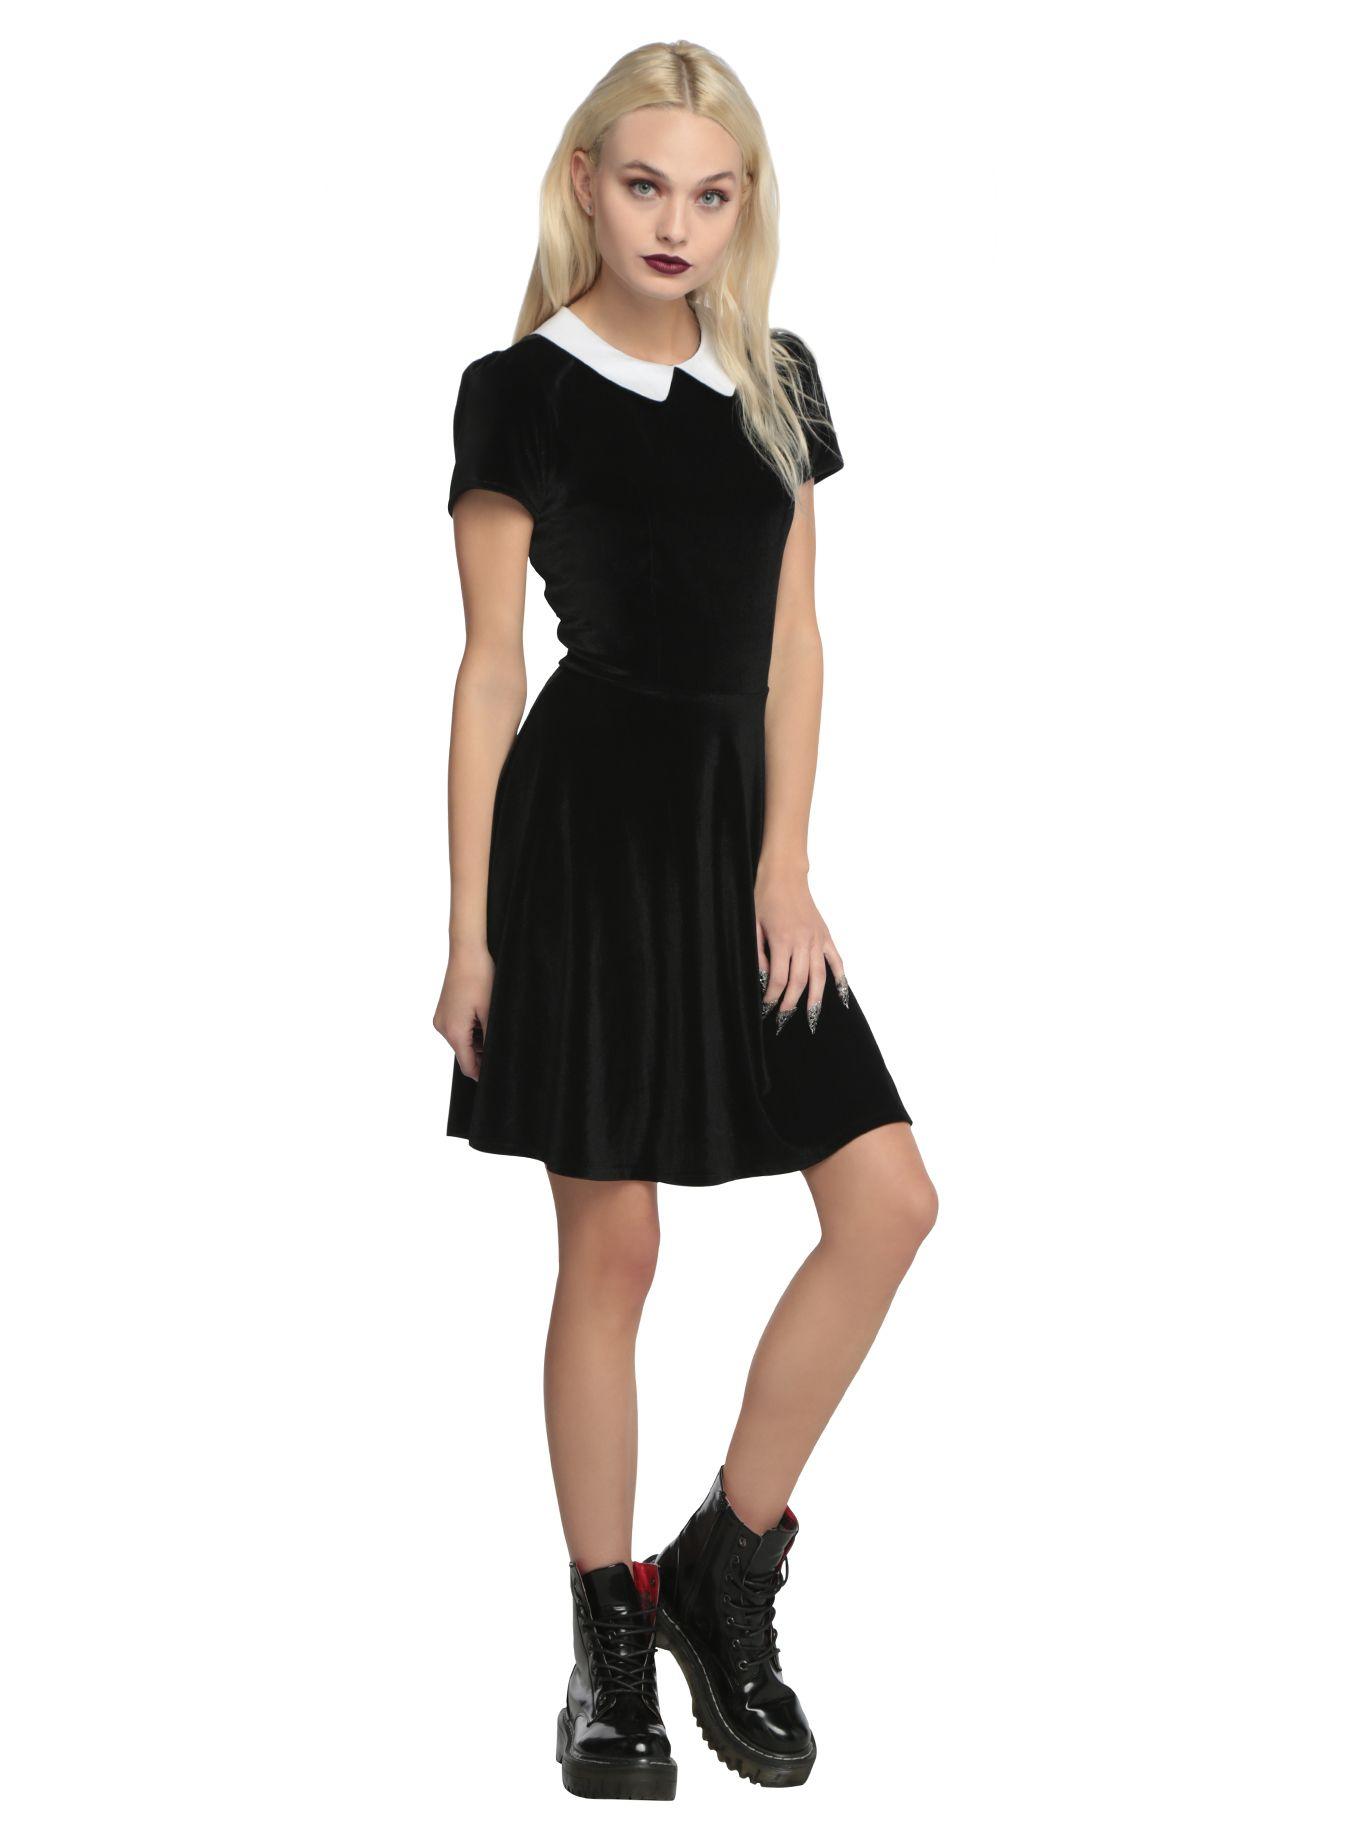 Black Velvet White Collar Dress Fulfilling My Wednesday Addams Dreams